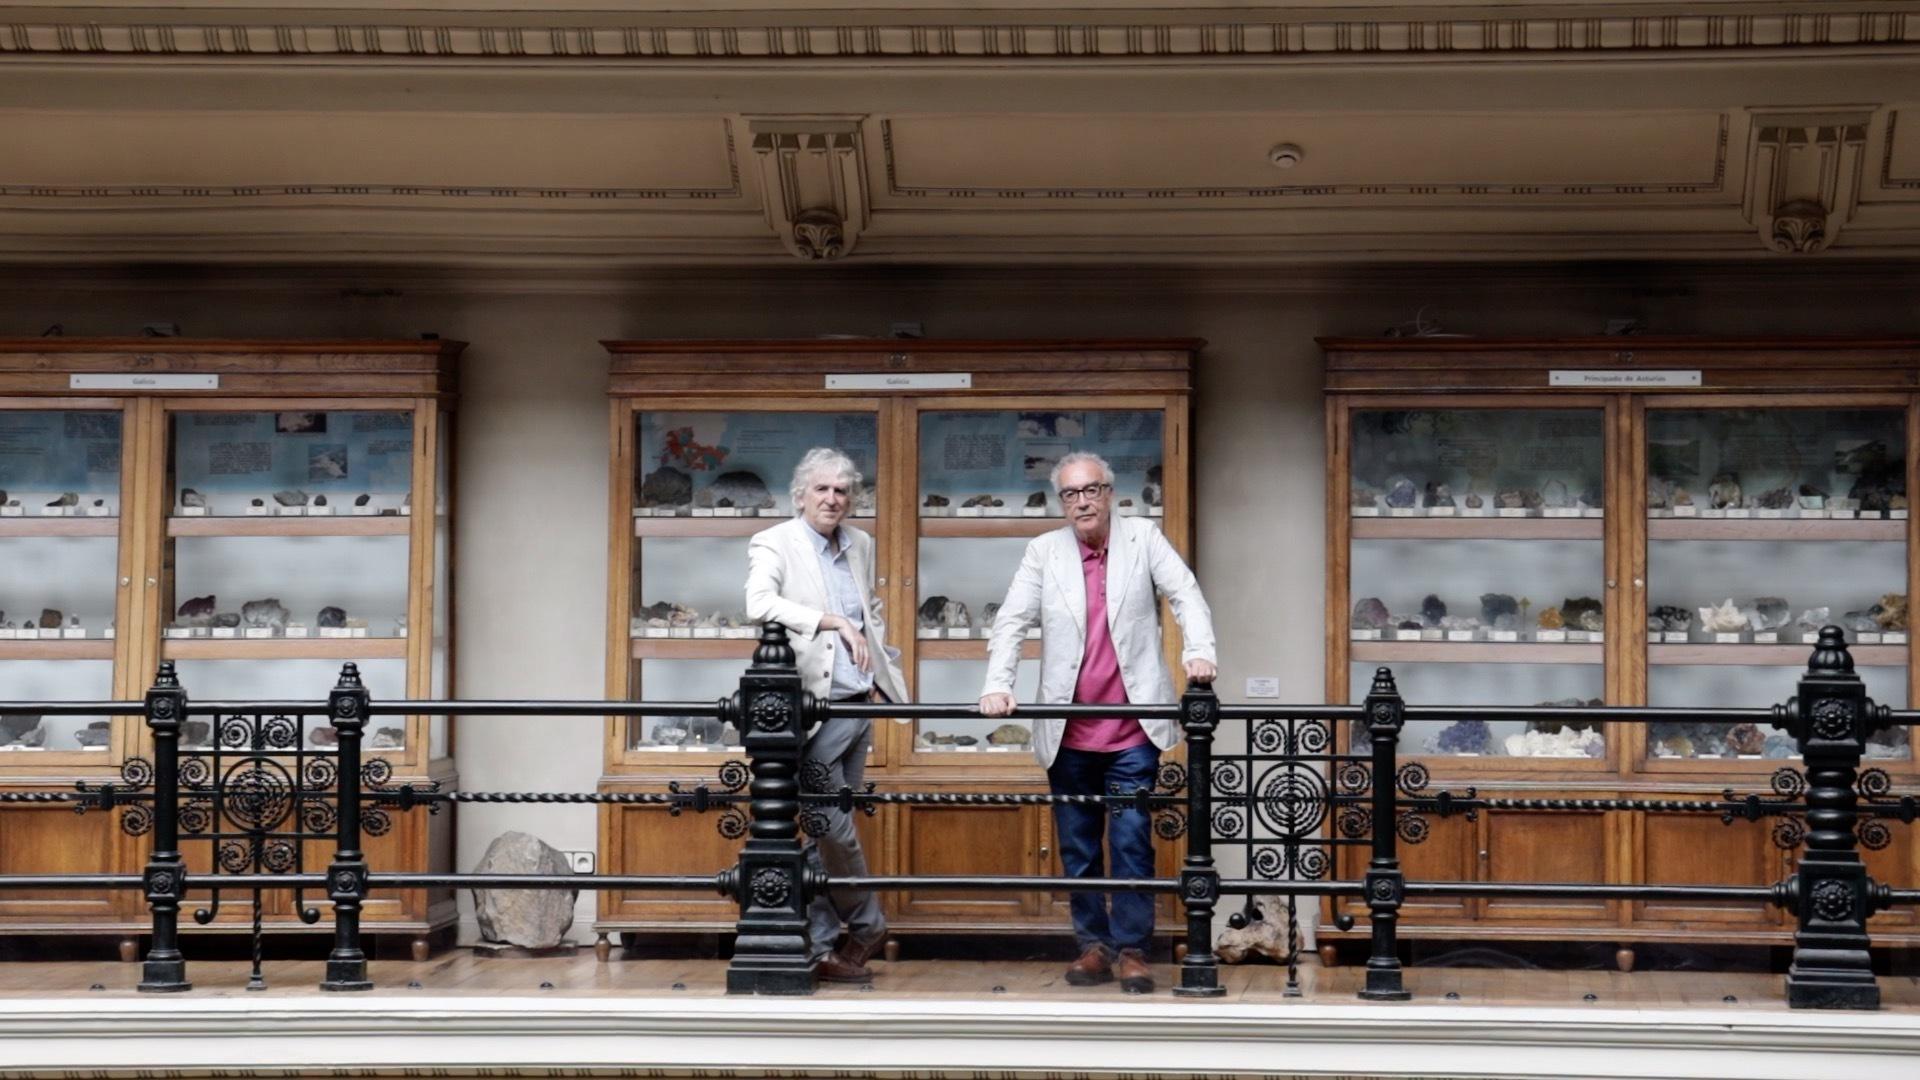 Arsuaga y Millás en el Museo Geominero de Madrid